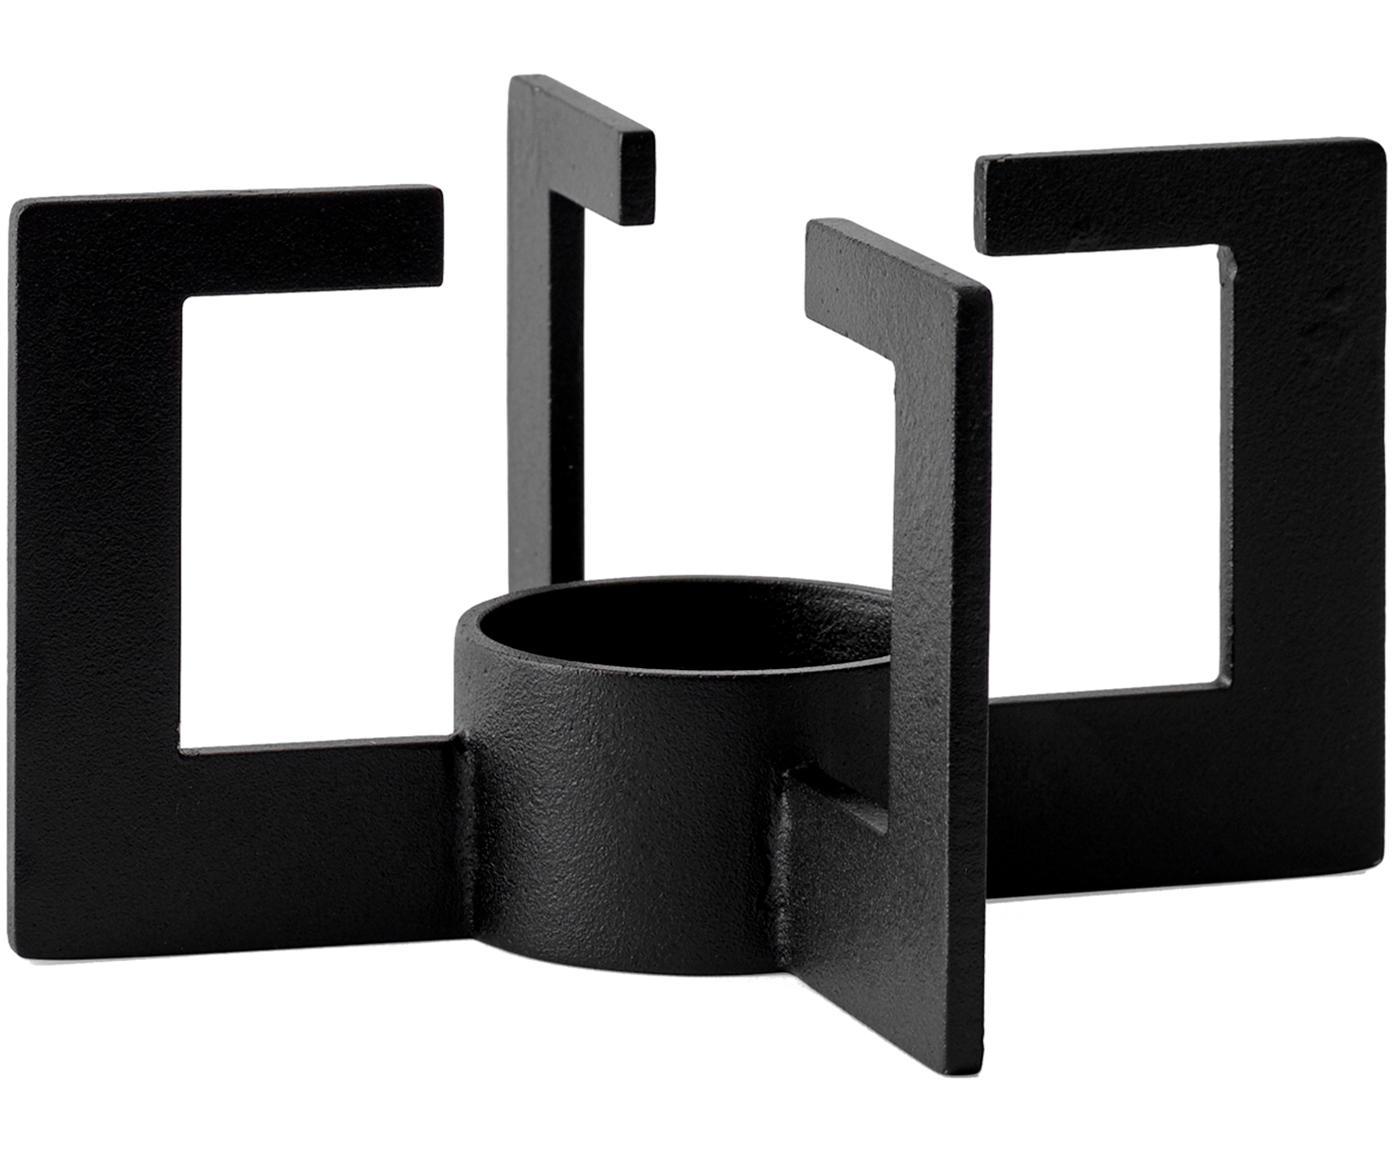 Calentador de vela Warm-Up, Metal, con pintura en polvo, caucho, Negro, Ø 8 x Al 15 cm